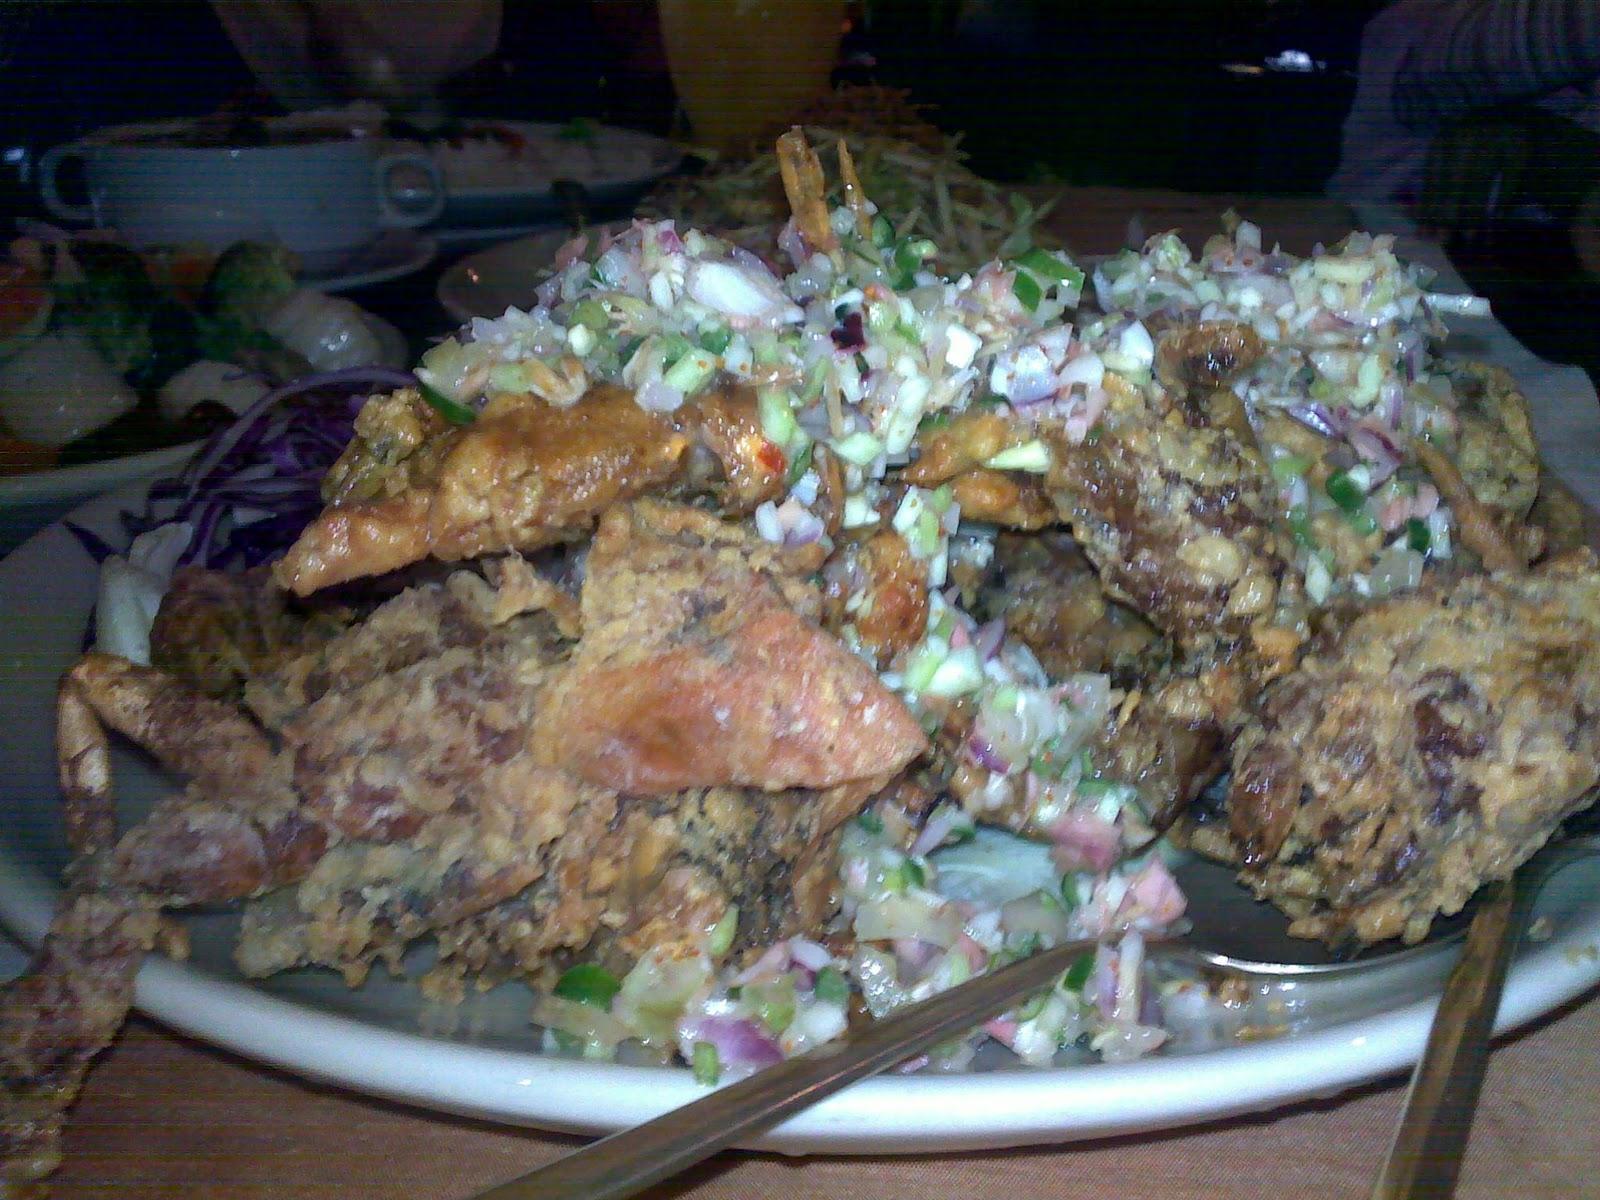 Sri ayutthaya usj best thai seafood ever malxn blog for Ayutthaya thai cuisine